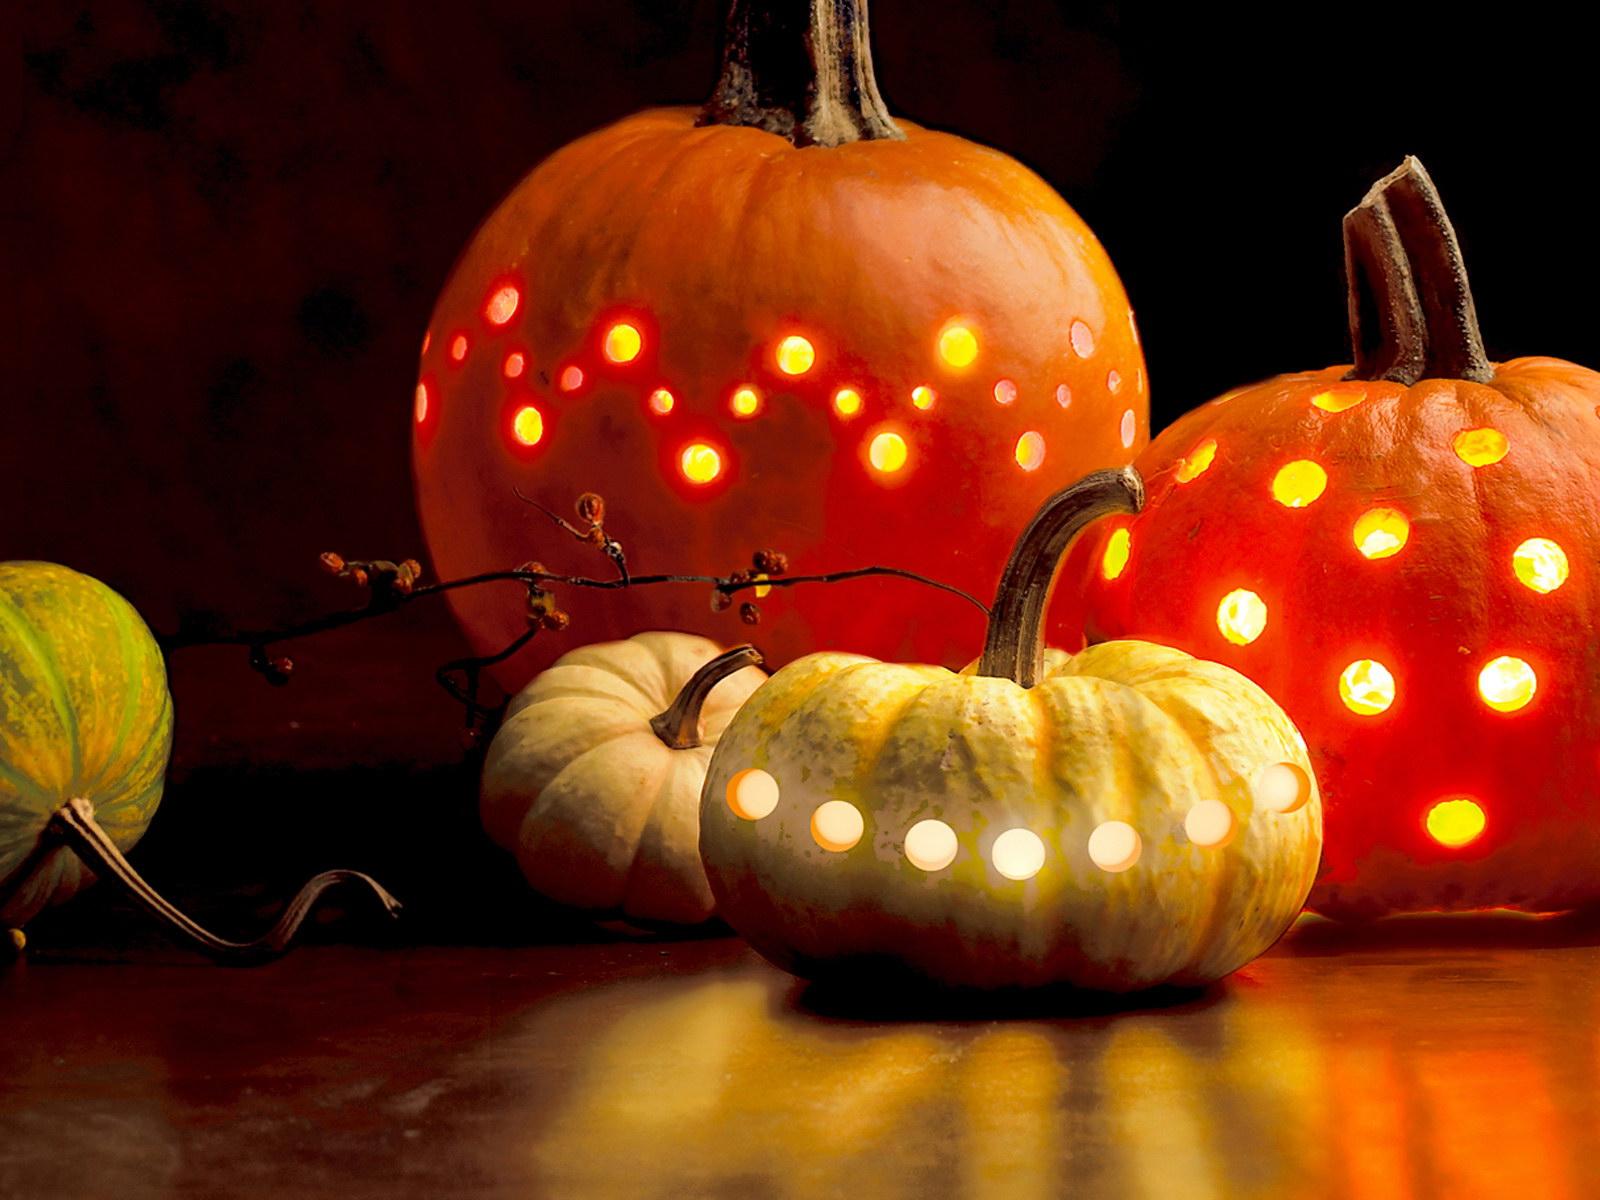 Pumpkin Wallpaper 25774 1920x1080px 1600x1200